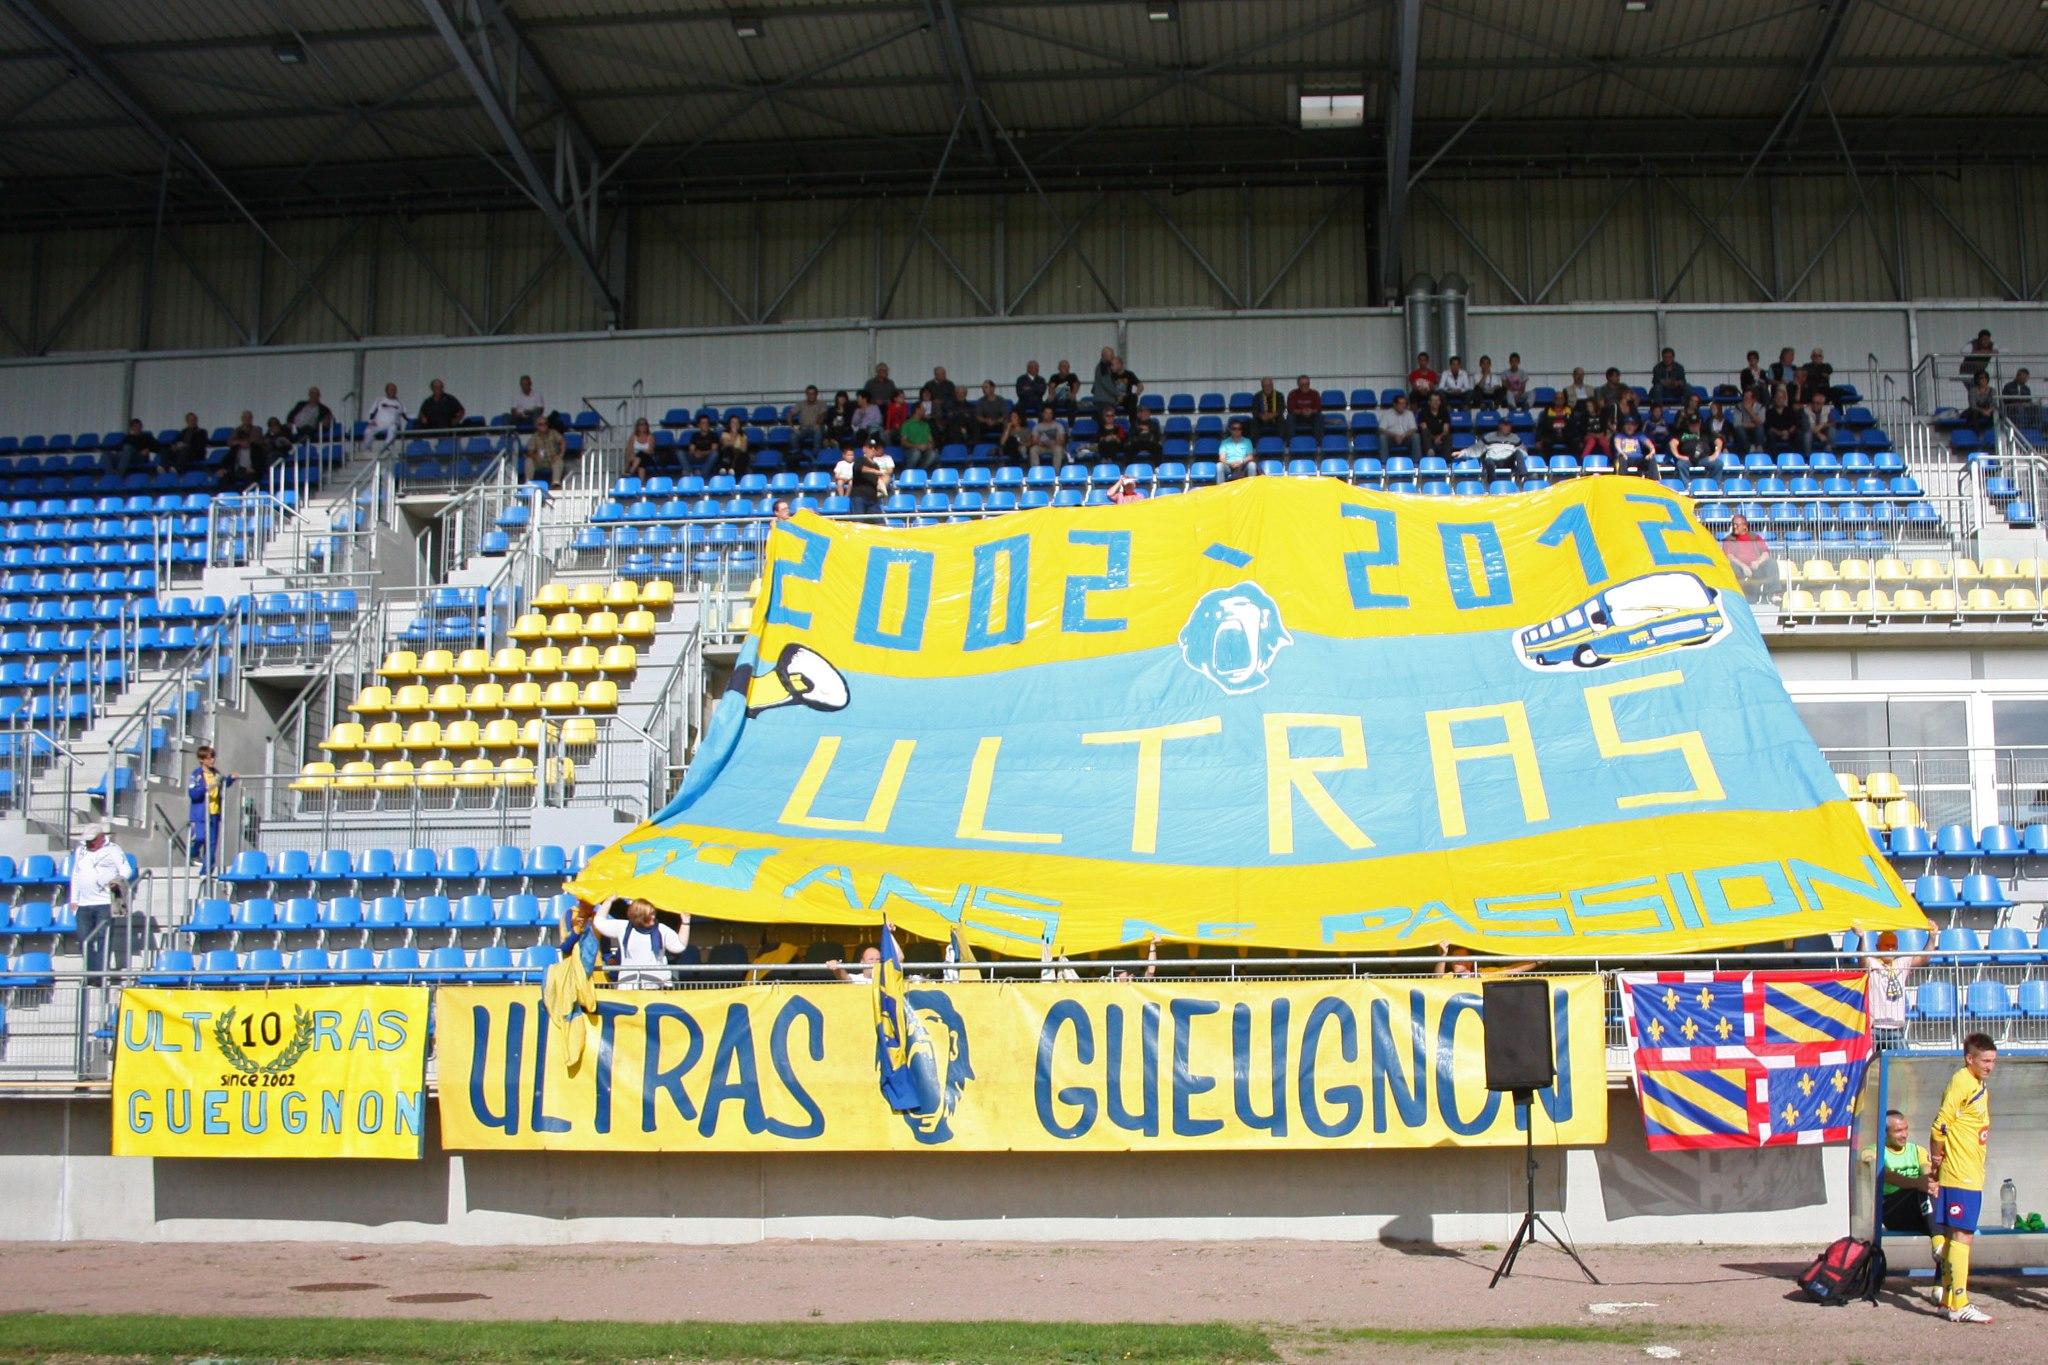 Ultras Gueugnon 10 ans anniversaire tifo